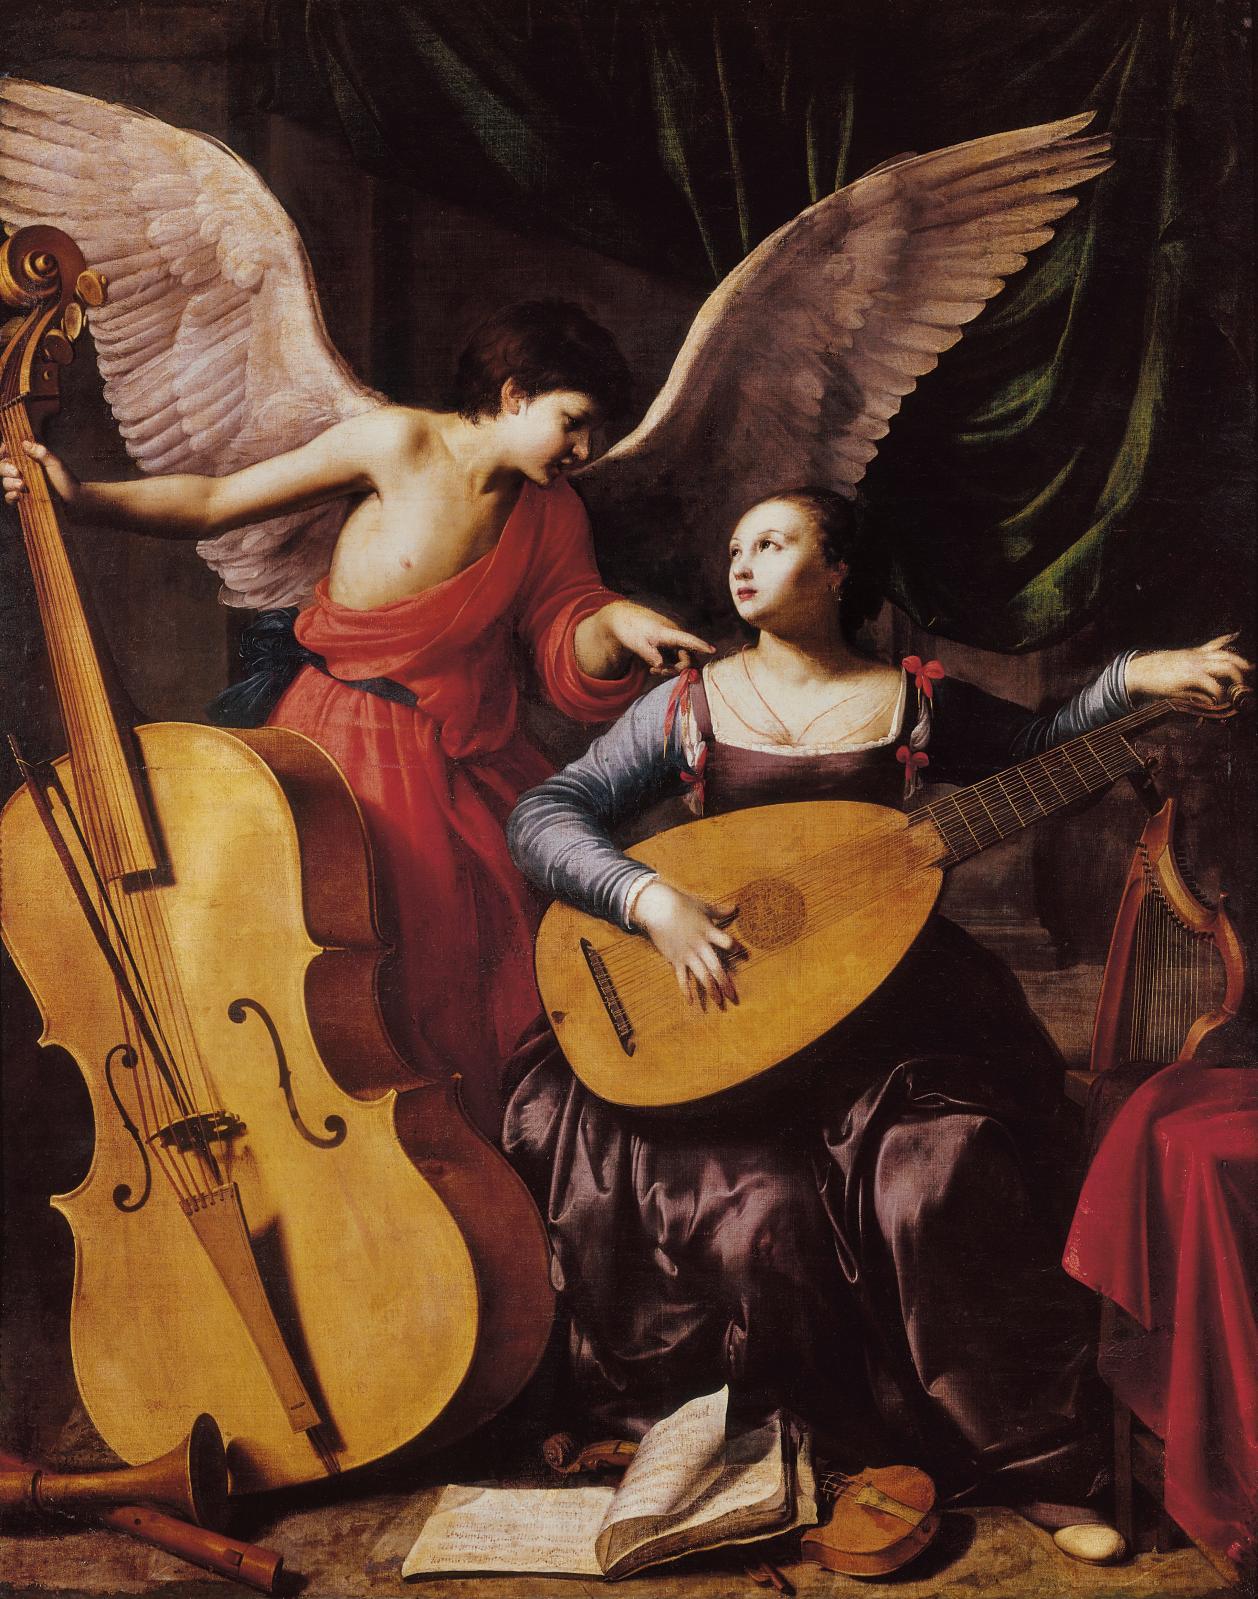 Carlo Saraceni (1579-1620), Sainte Cécile et l'ange, vers 1610, huile sur toile, 172x139cm, Rome, Galleria nazionale d'arte antica.